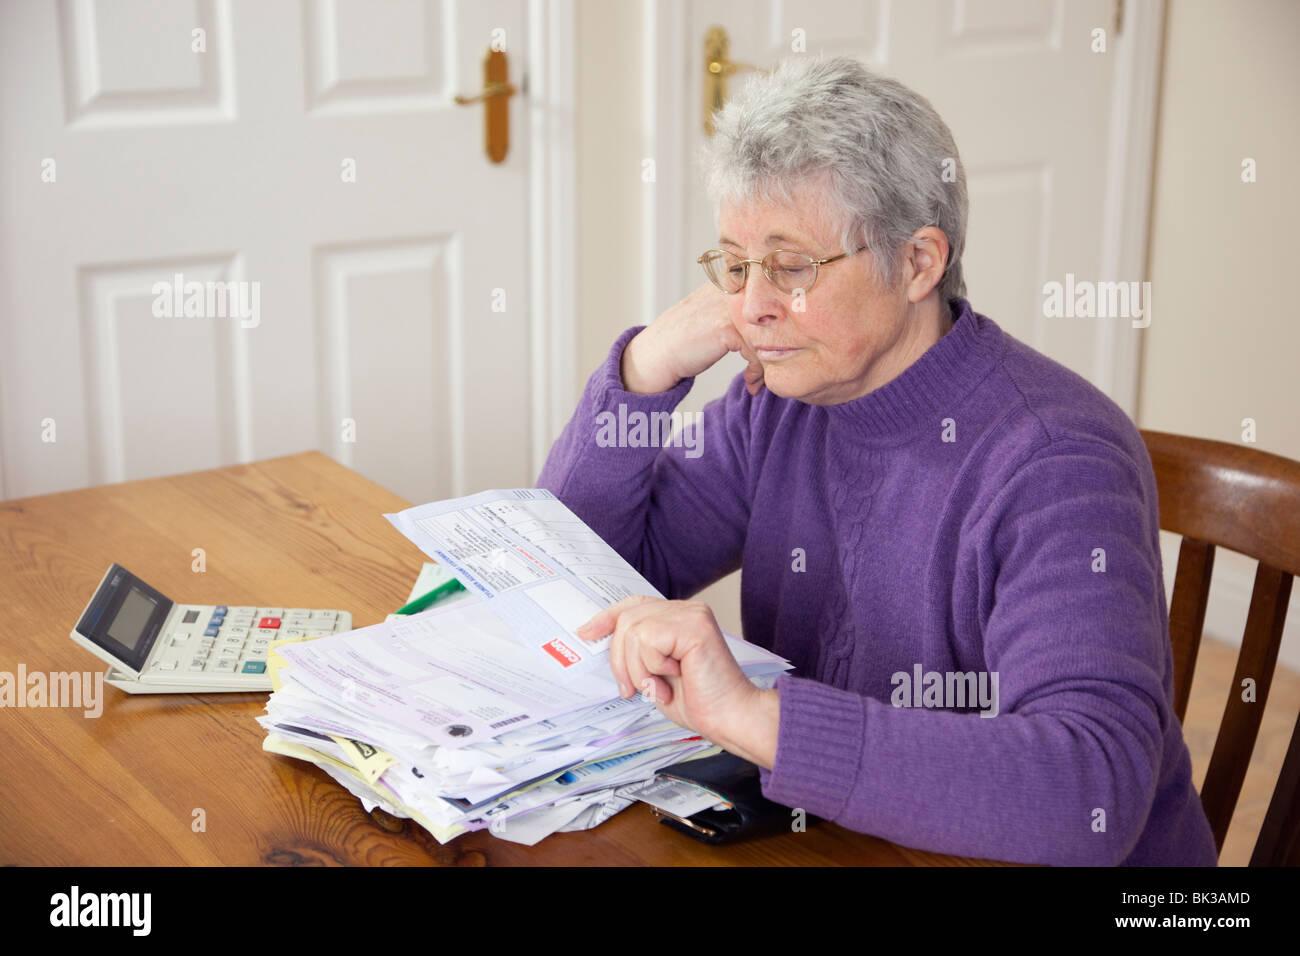 Ältere ältere Frau Rentner OAP Dame Rentner mit einem großen Stapel von Rechnungen auf dem Tisch Stockbild